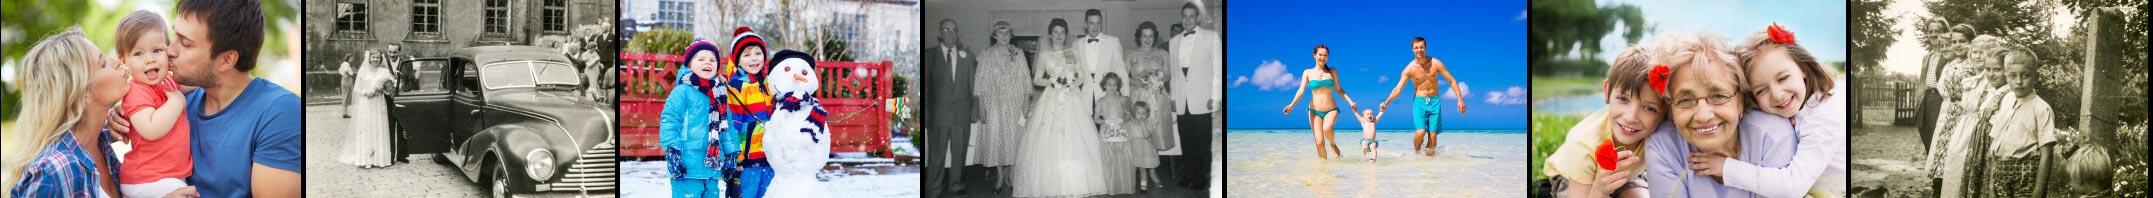 Family photo scanning